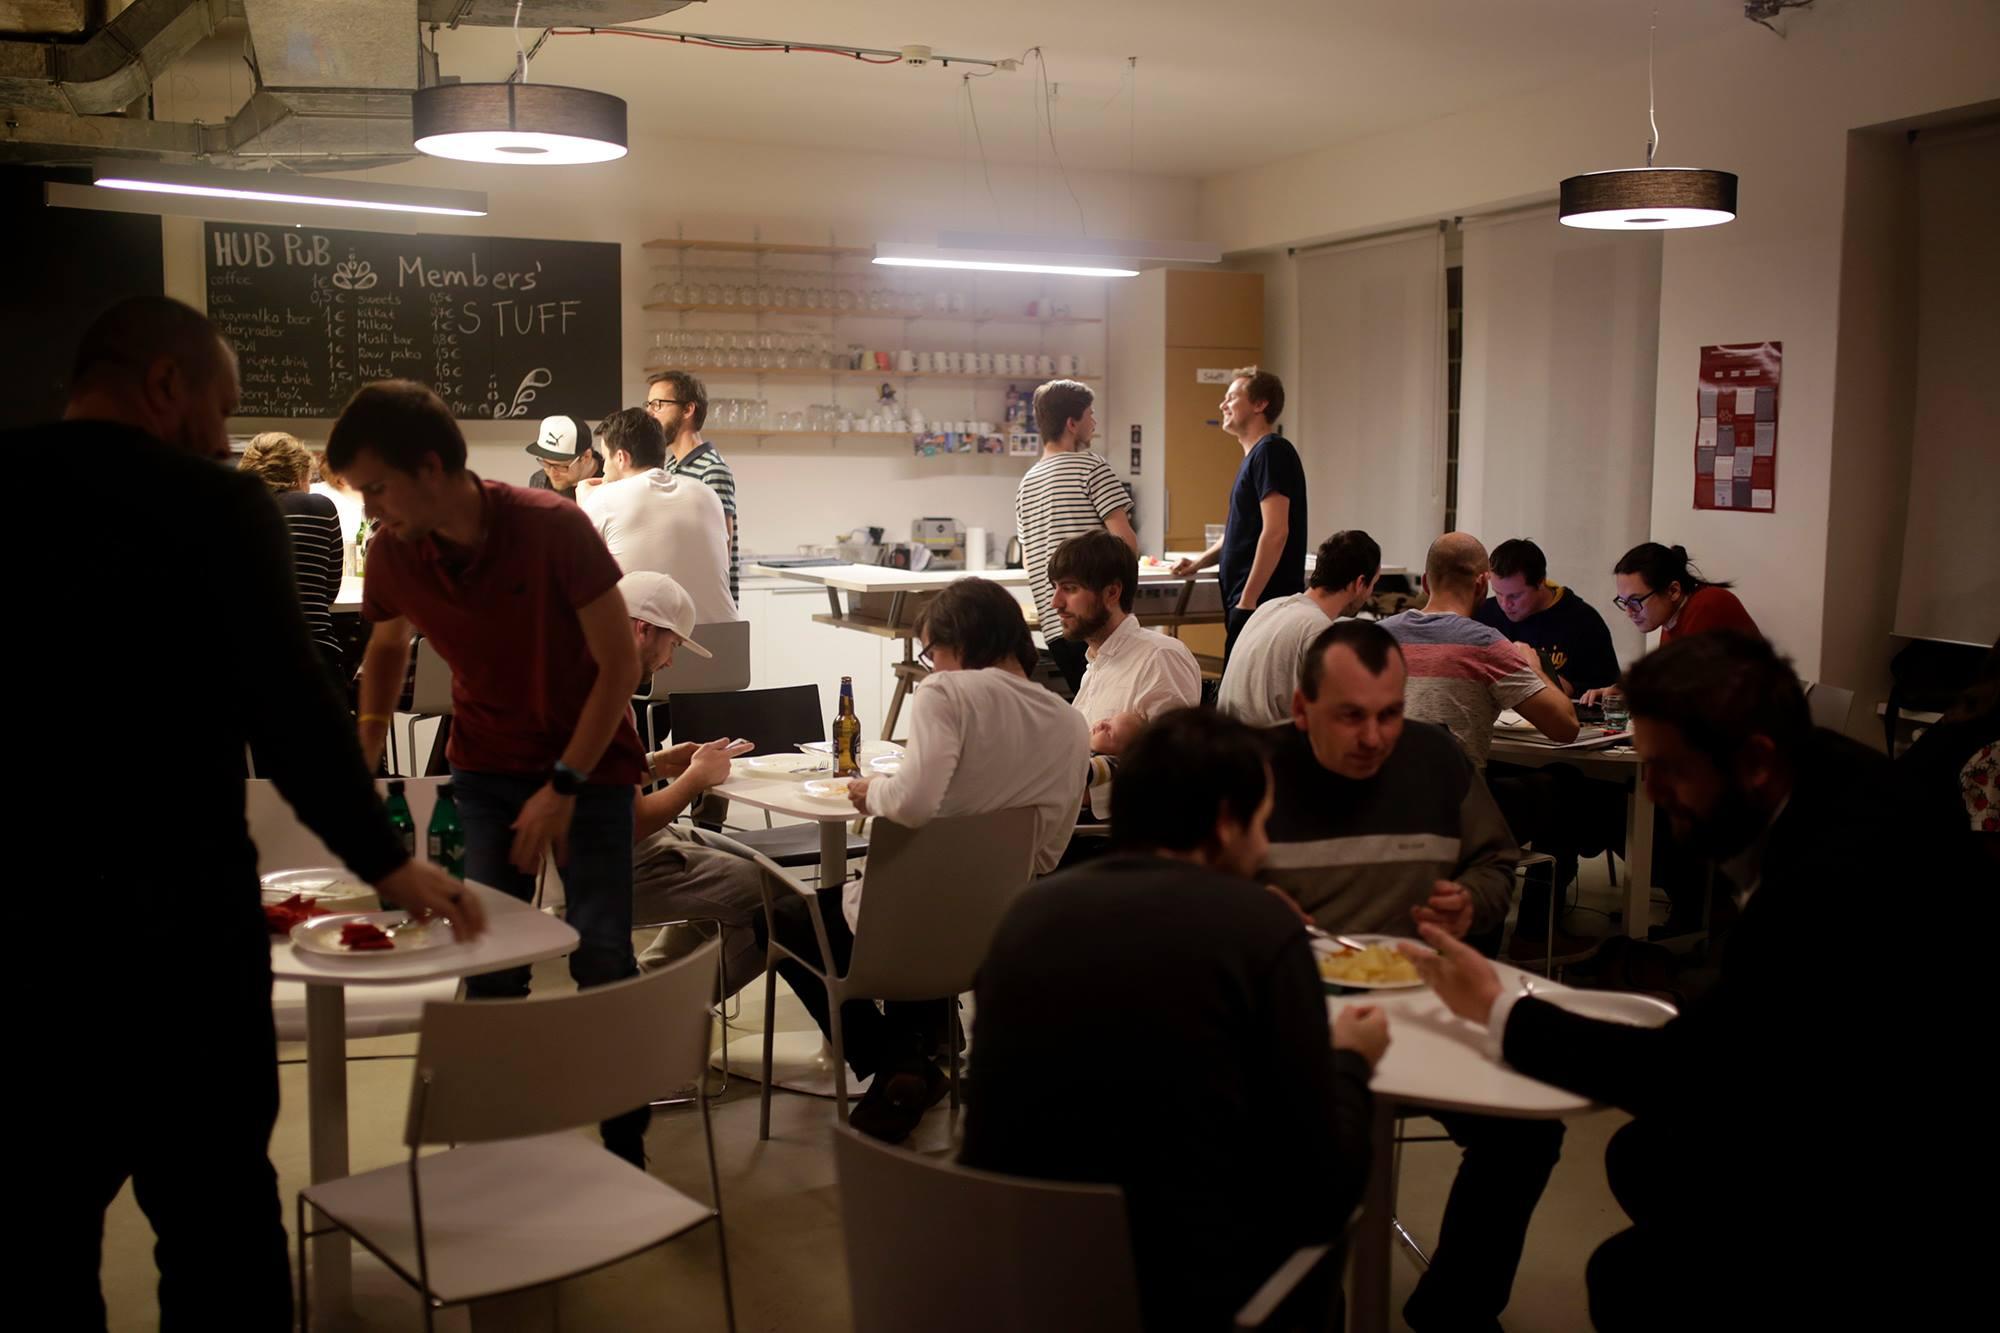 ca0f5a3fe Týmto chcú organizátori nechať priestor aj šikovným študentom s čerstvými  nápadmi, ktorí sa môžu pridať priamo na hackathone k tímom.